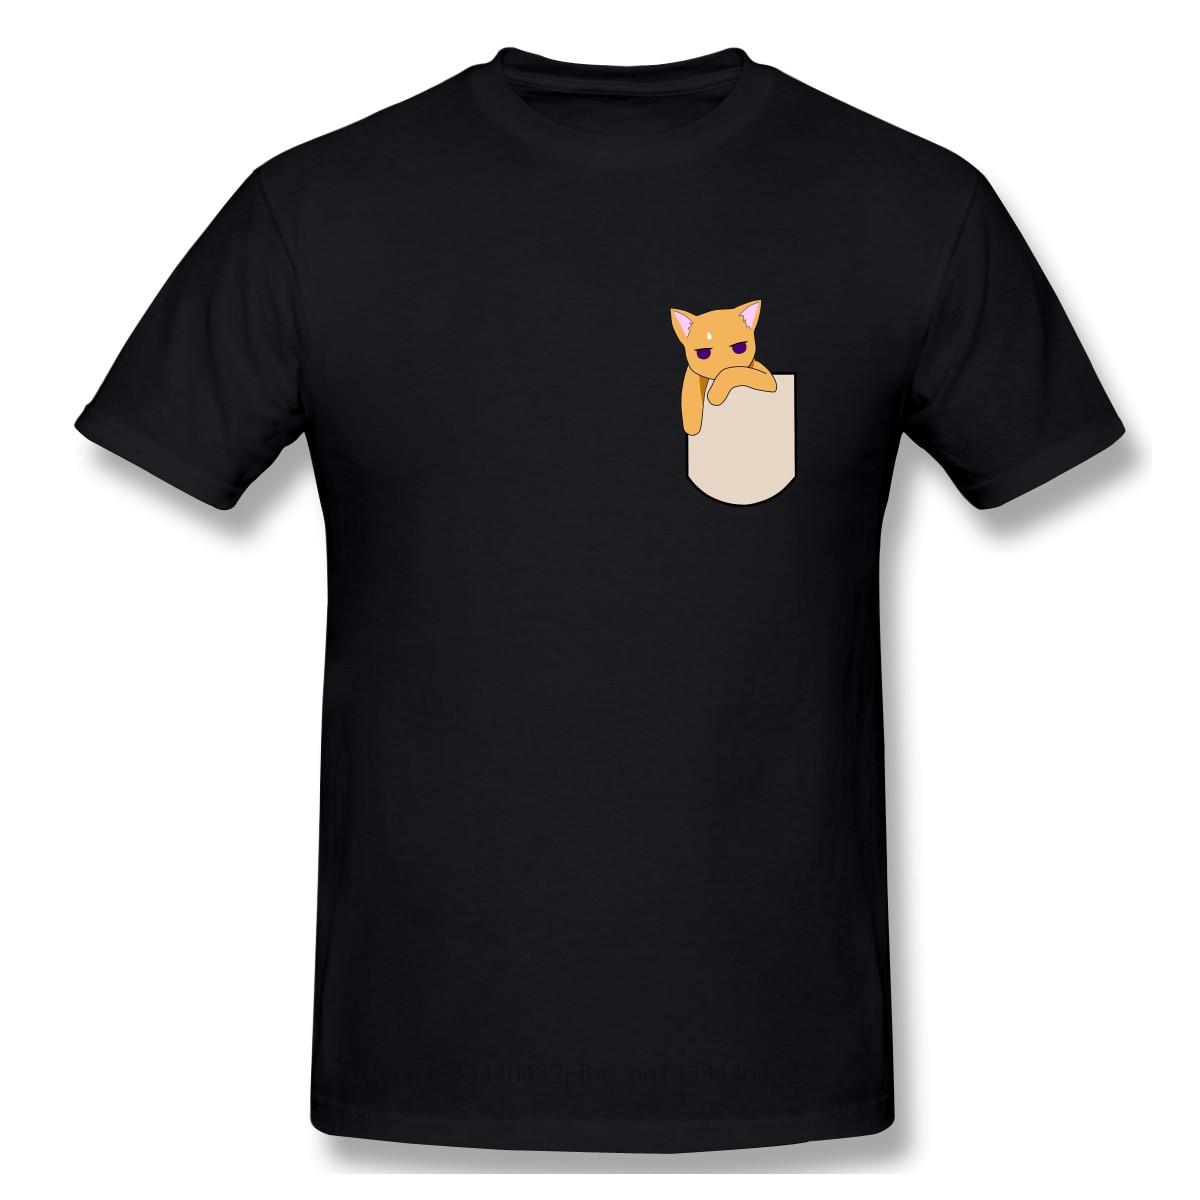 Новая летняя футболка с карманом для кошки, хлопковая Футболка с корзиной для фруктов, Tohru Honda Yuki Kyo Soma, японская футболка с рисунком из аниме